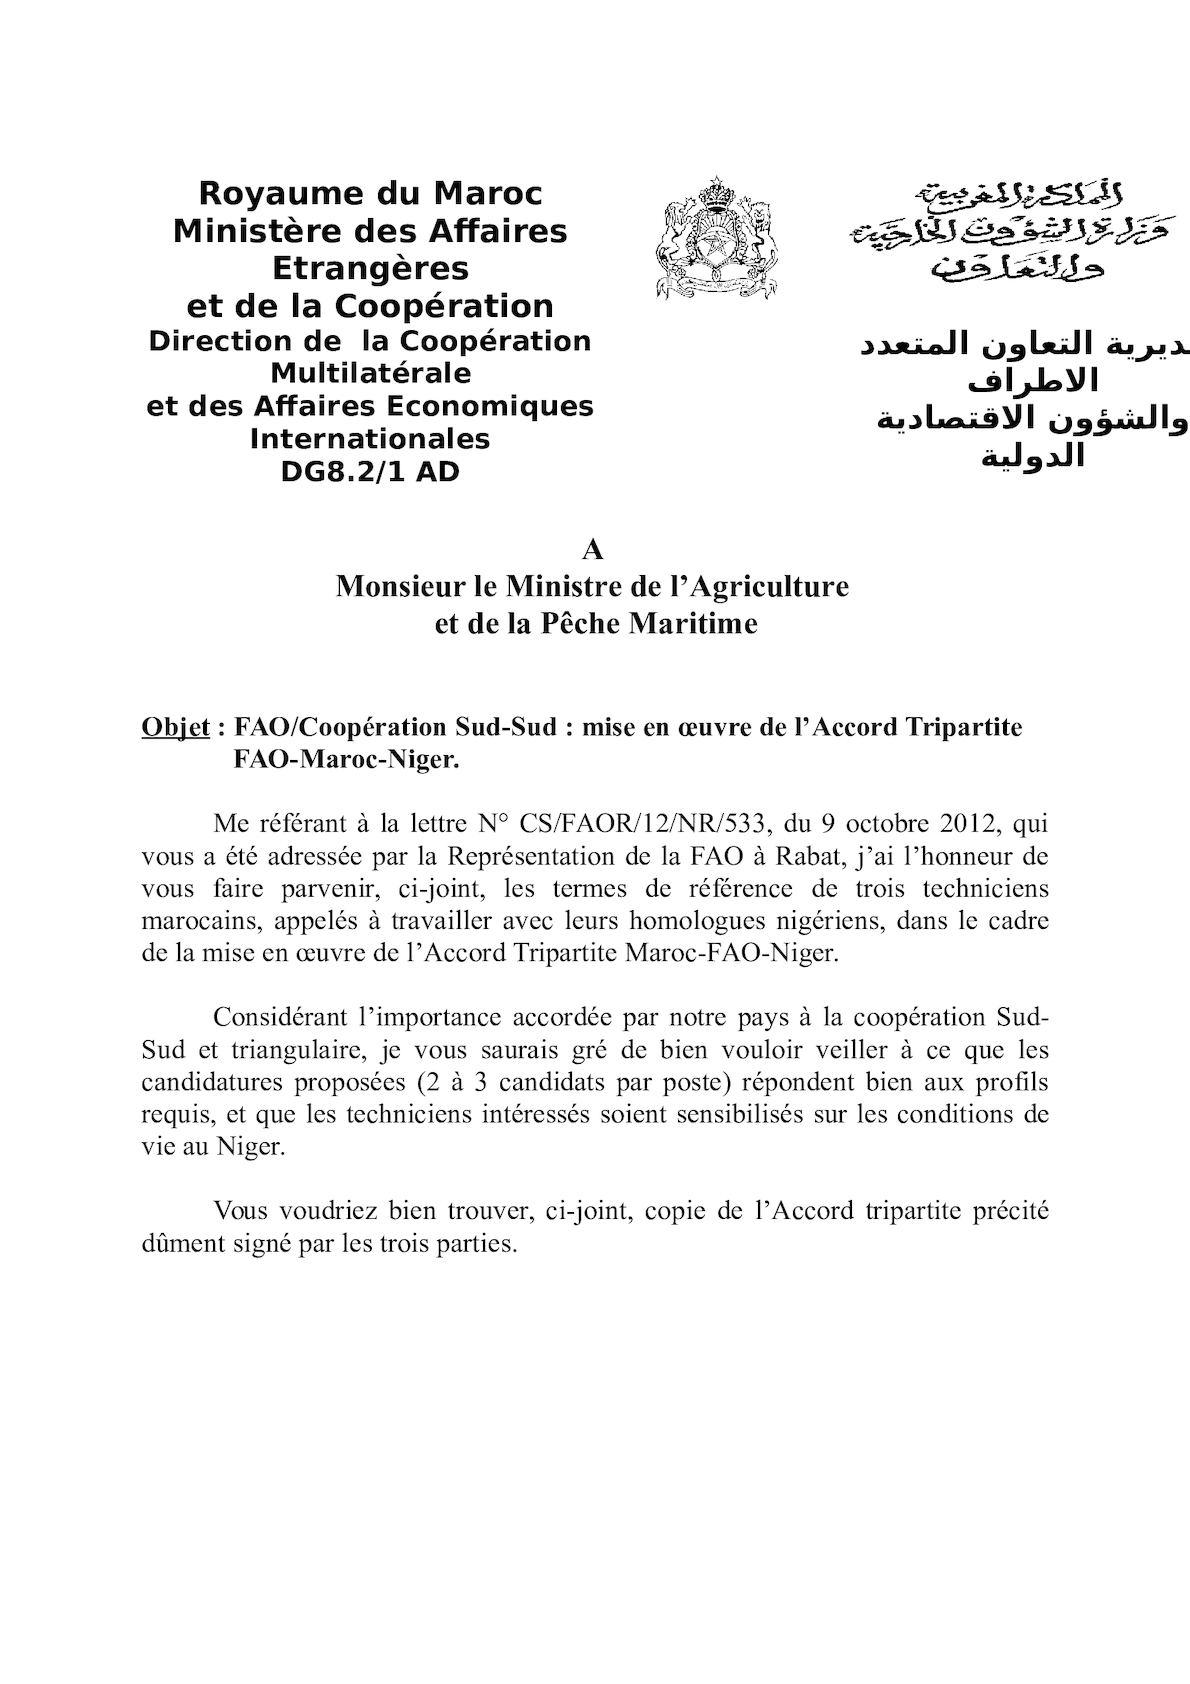 FAO Accor Tripartite FAO MOR Niger 2